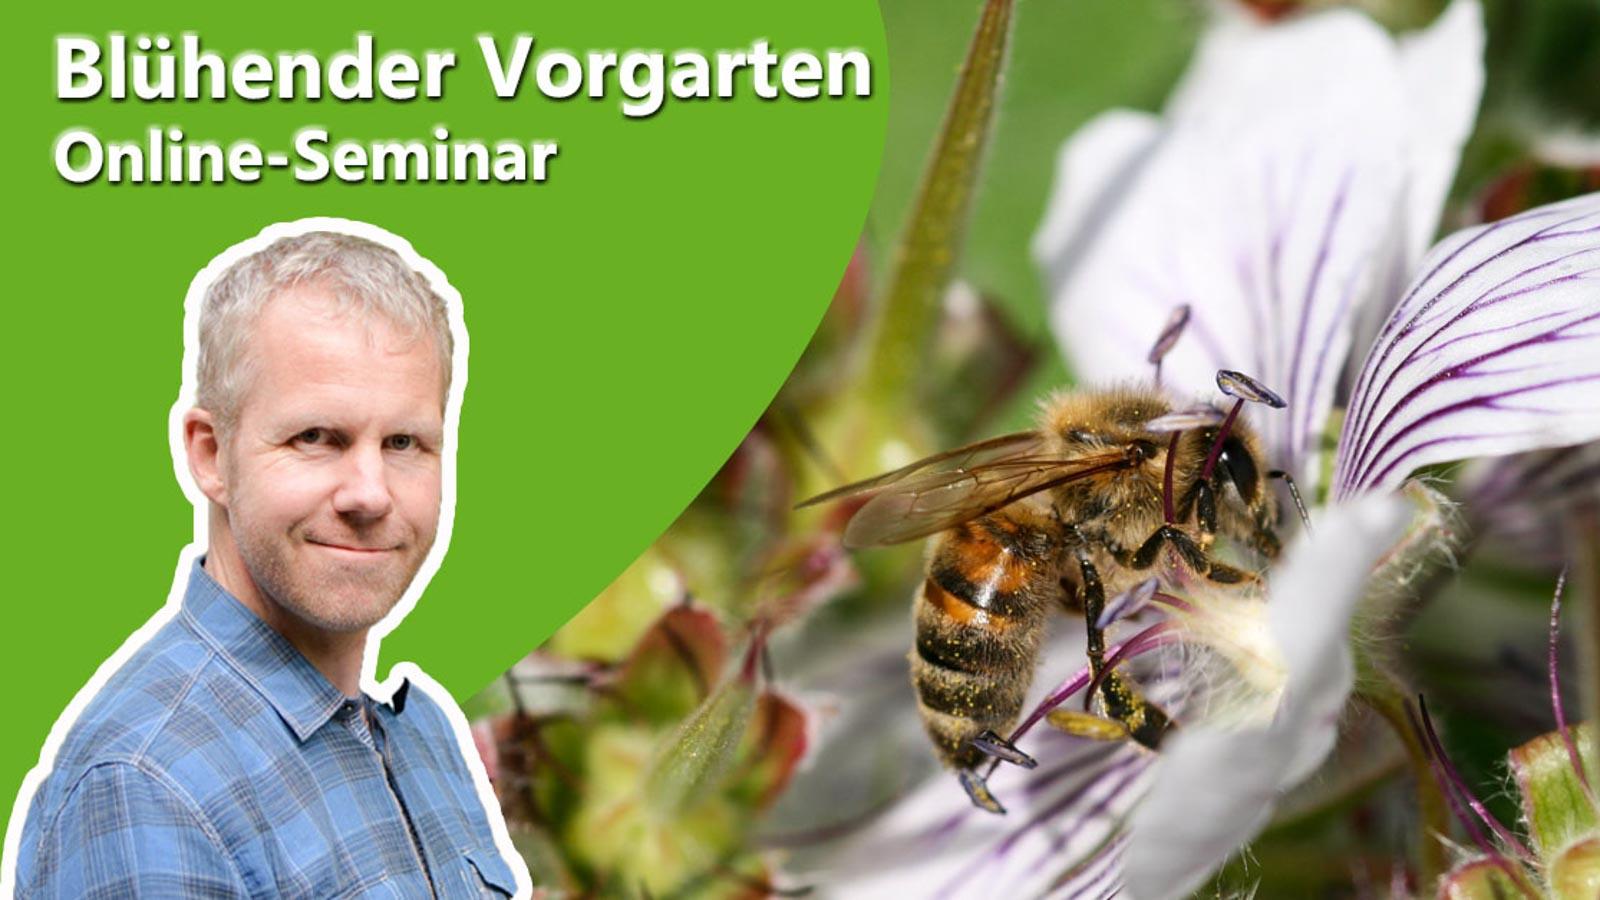 Philippe Dahlmann auf Bild mit Biene zur Ankündigung des Online-Seminars Blühender Vorgarten.